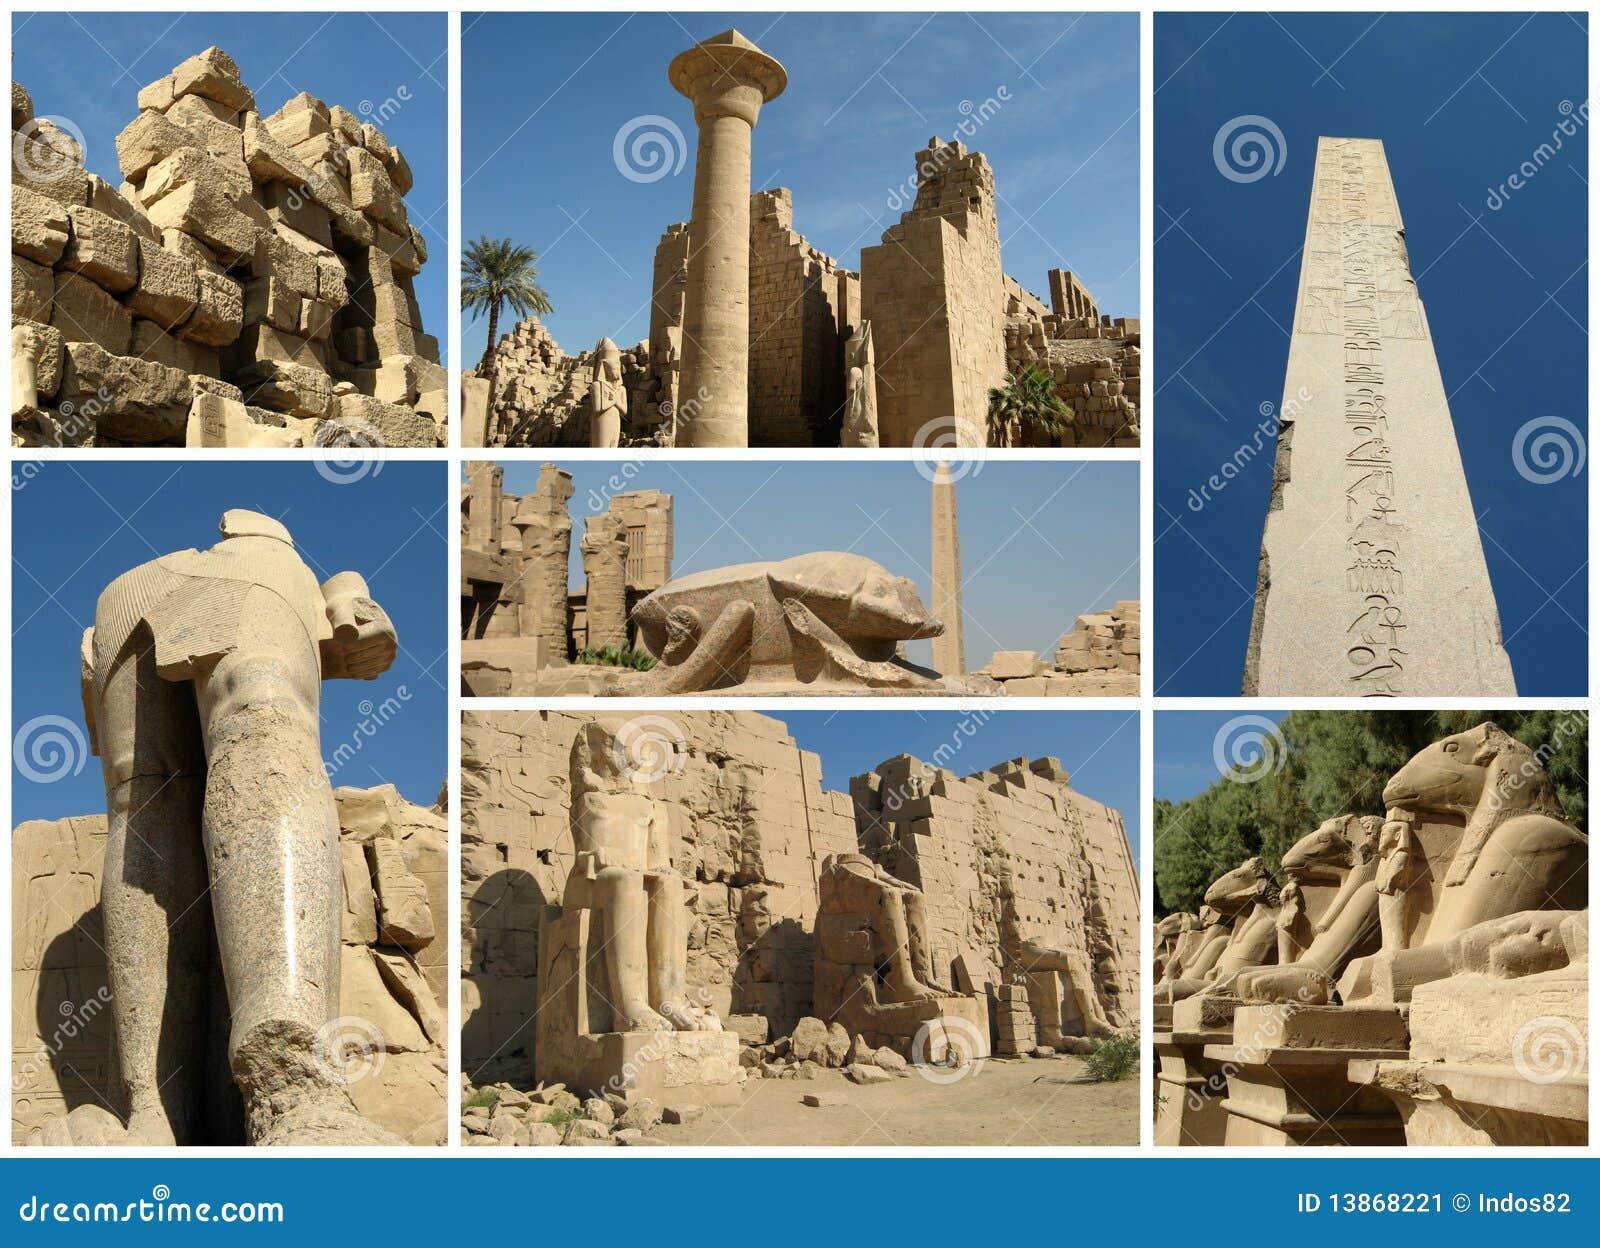 Collage de l Egypte